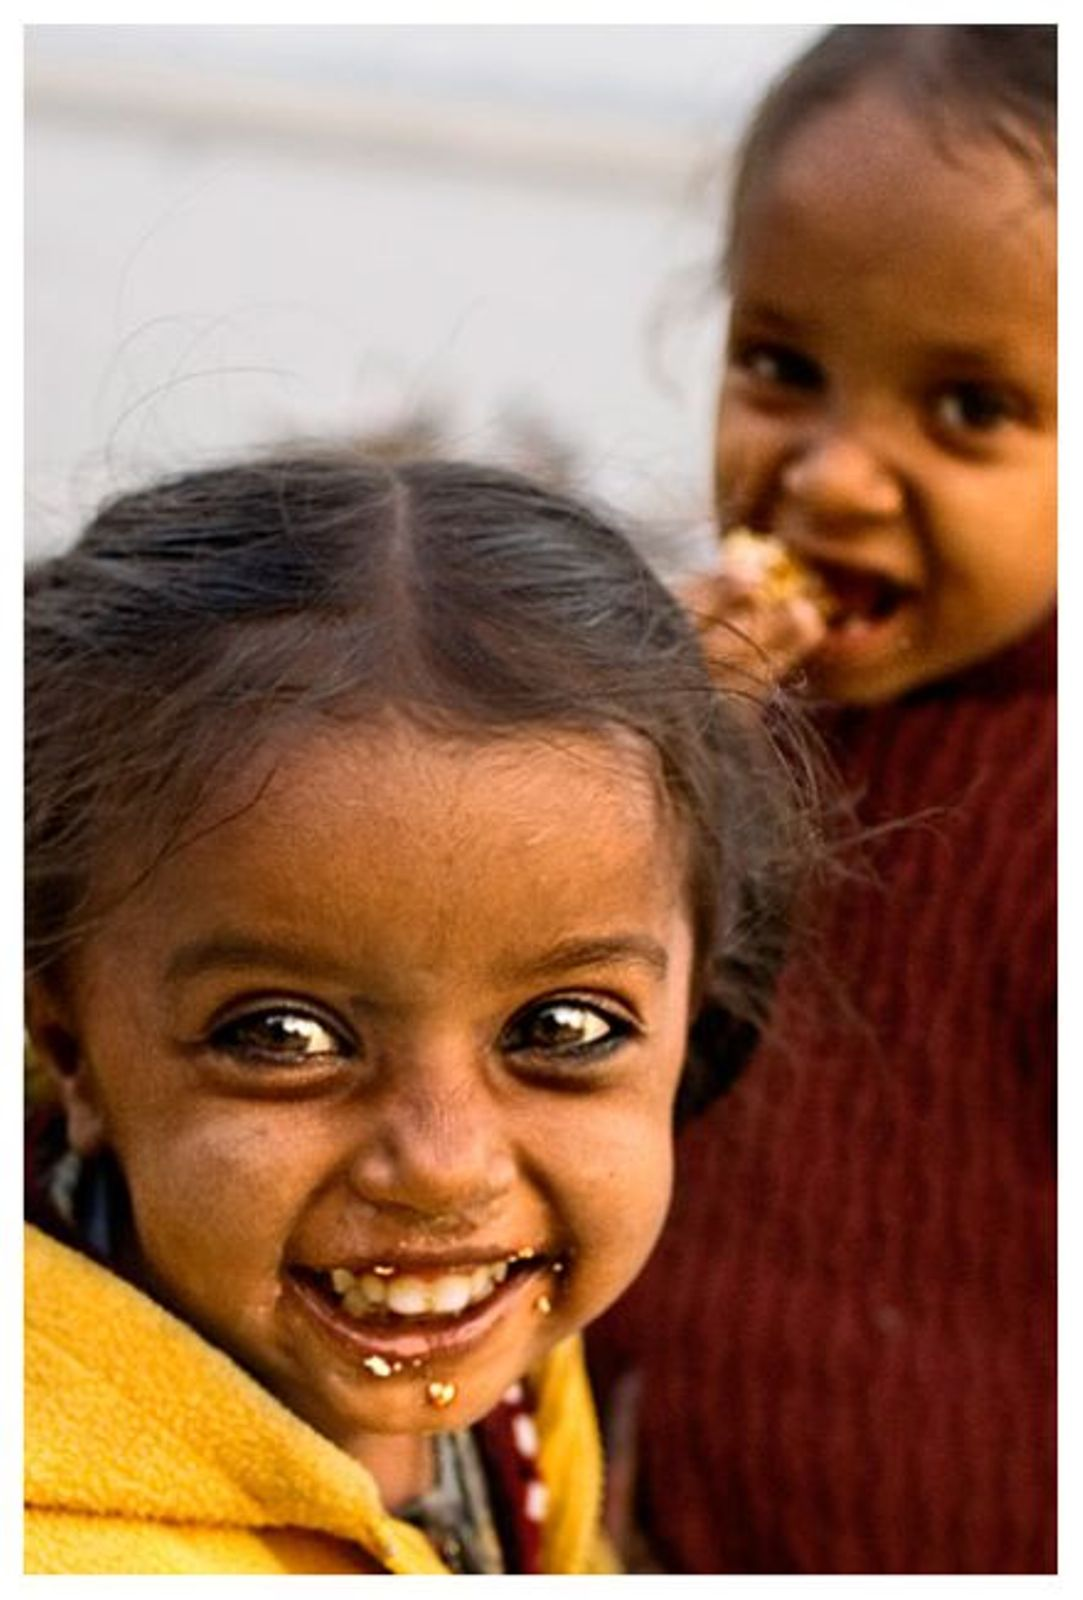 Дети от русских и индусов фото